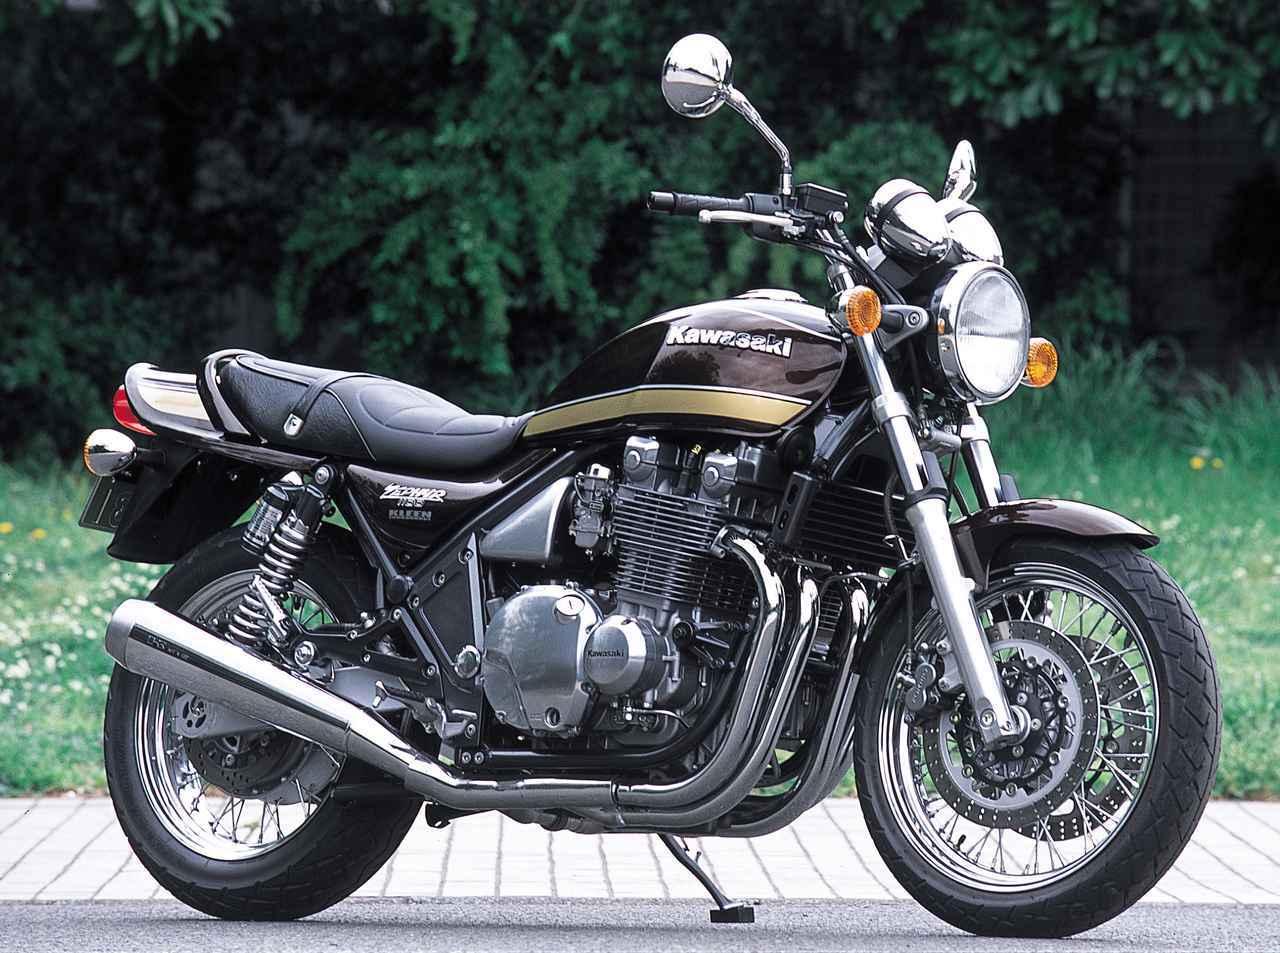 画像: Kawasaki ZEPHYR 1100/RS 1992年~2007年(ZRT10A) エンジン形式:空冷4ストローク・DOHC2バルブ並列4気筒 内径×行程(総排気量):73.5×62.6㎜(1062cc) 最高出力:91PS/7500rpm 最大トルク:8.9kg-m/7800rpm ミッション:5速リターン ブレーキ前・後:ダブルディスク・ディスク 全長×全幅×全高:2165×780×1115mm タイヤサイズ 前・後:120/70-18・160/70-17 燃料タンク容量:18L ホイールベース:1495mm 乾燥重量:251kg 当時の発売価格:88万円 ※諸元はRS・2003年モデル 2002年2月にはゼファー1100の基本構成をそのままに、スポークホイールと専用フロントブレーキディスク&キャリパーを装備し、「Kawasaki」の立体タンクエンブレムと専用のサイドカバーデカールを採用したRSを追加。ブラウンベースのZ1Aタイプグラフィックもそのムードにマッチしている。